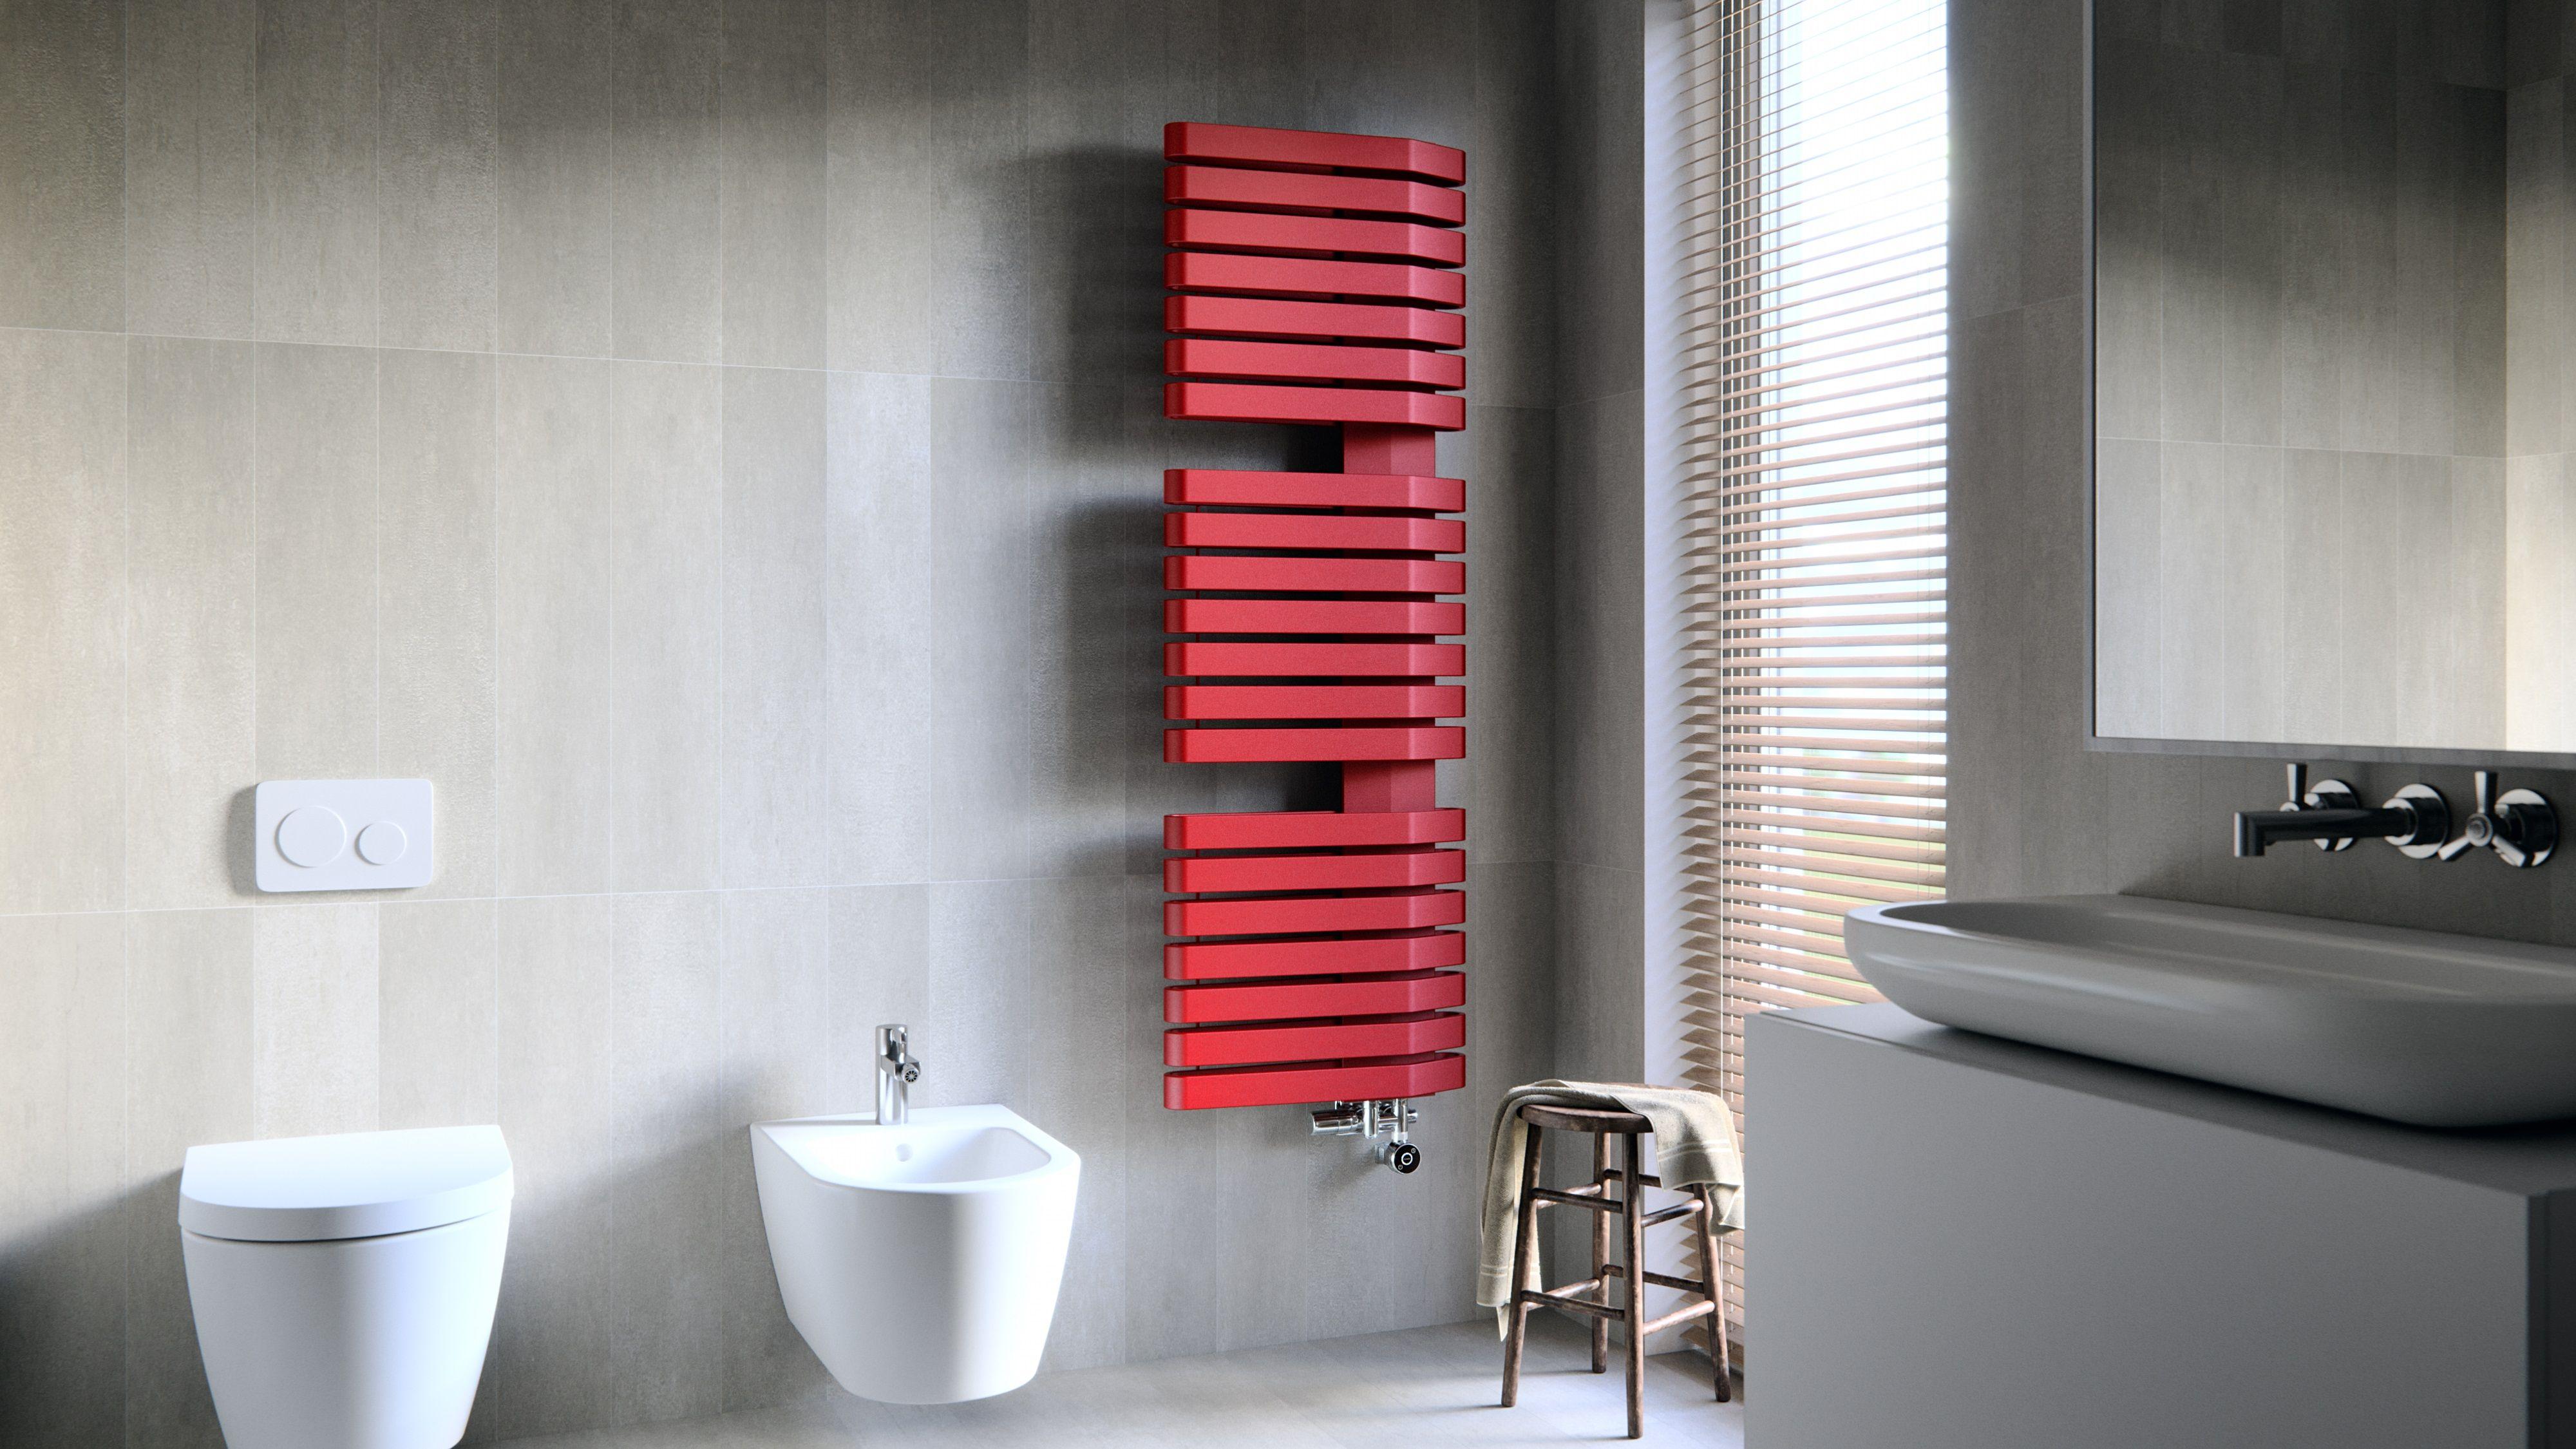 Porte-serviettes chauffant rouge